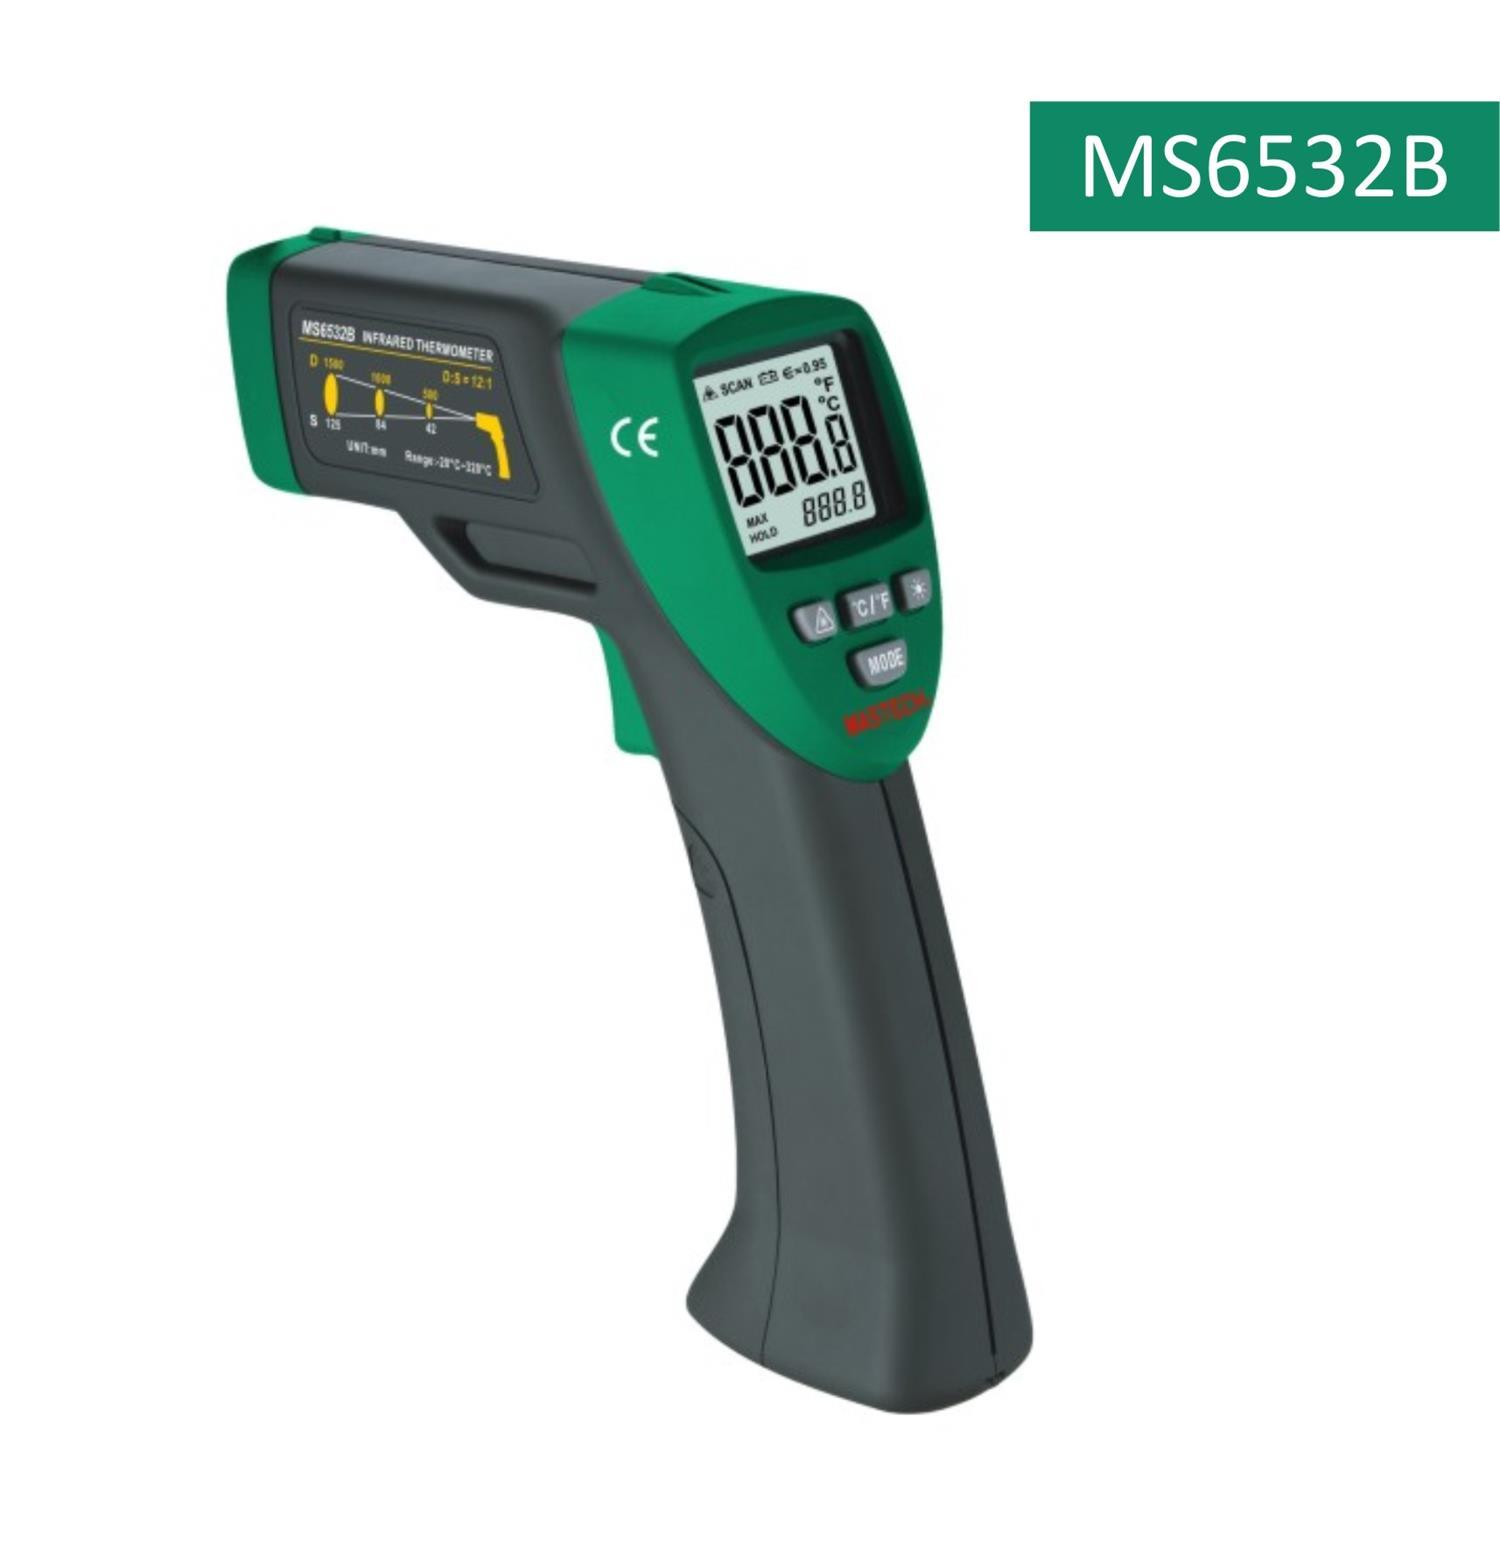 MS6532B